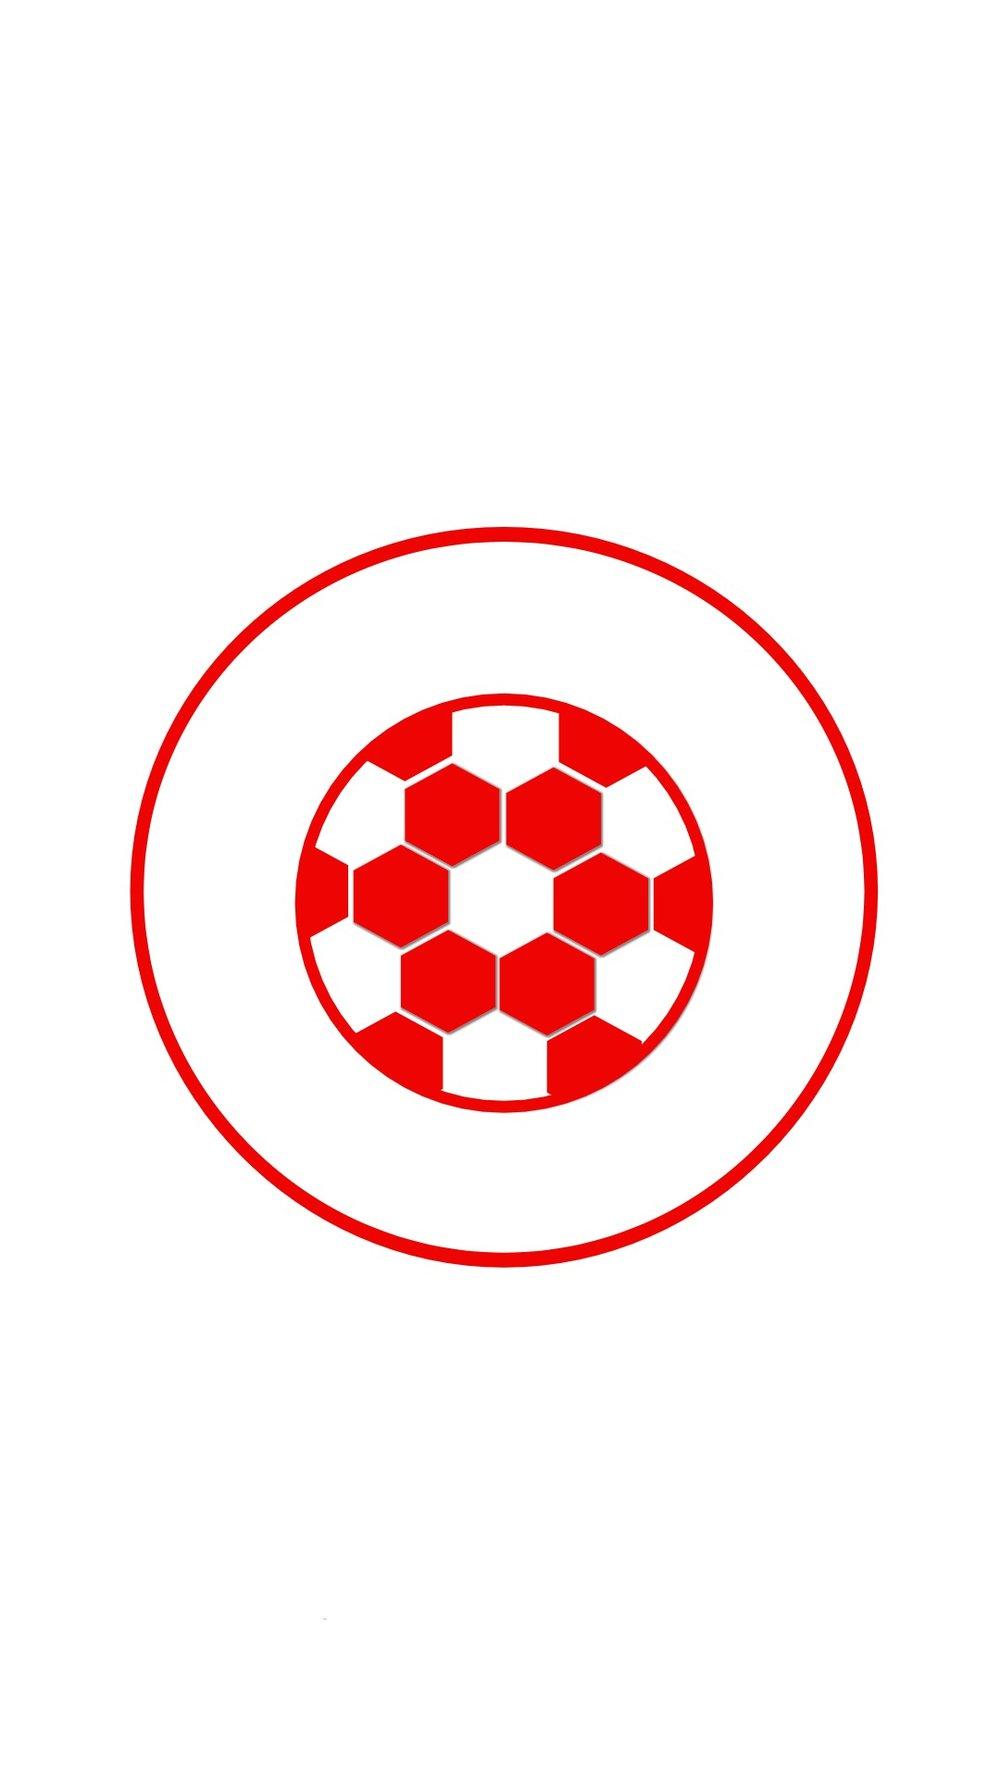 Instagram-cover-ball-red-white-lotnotes.com.jpg